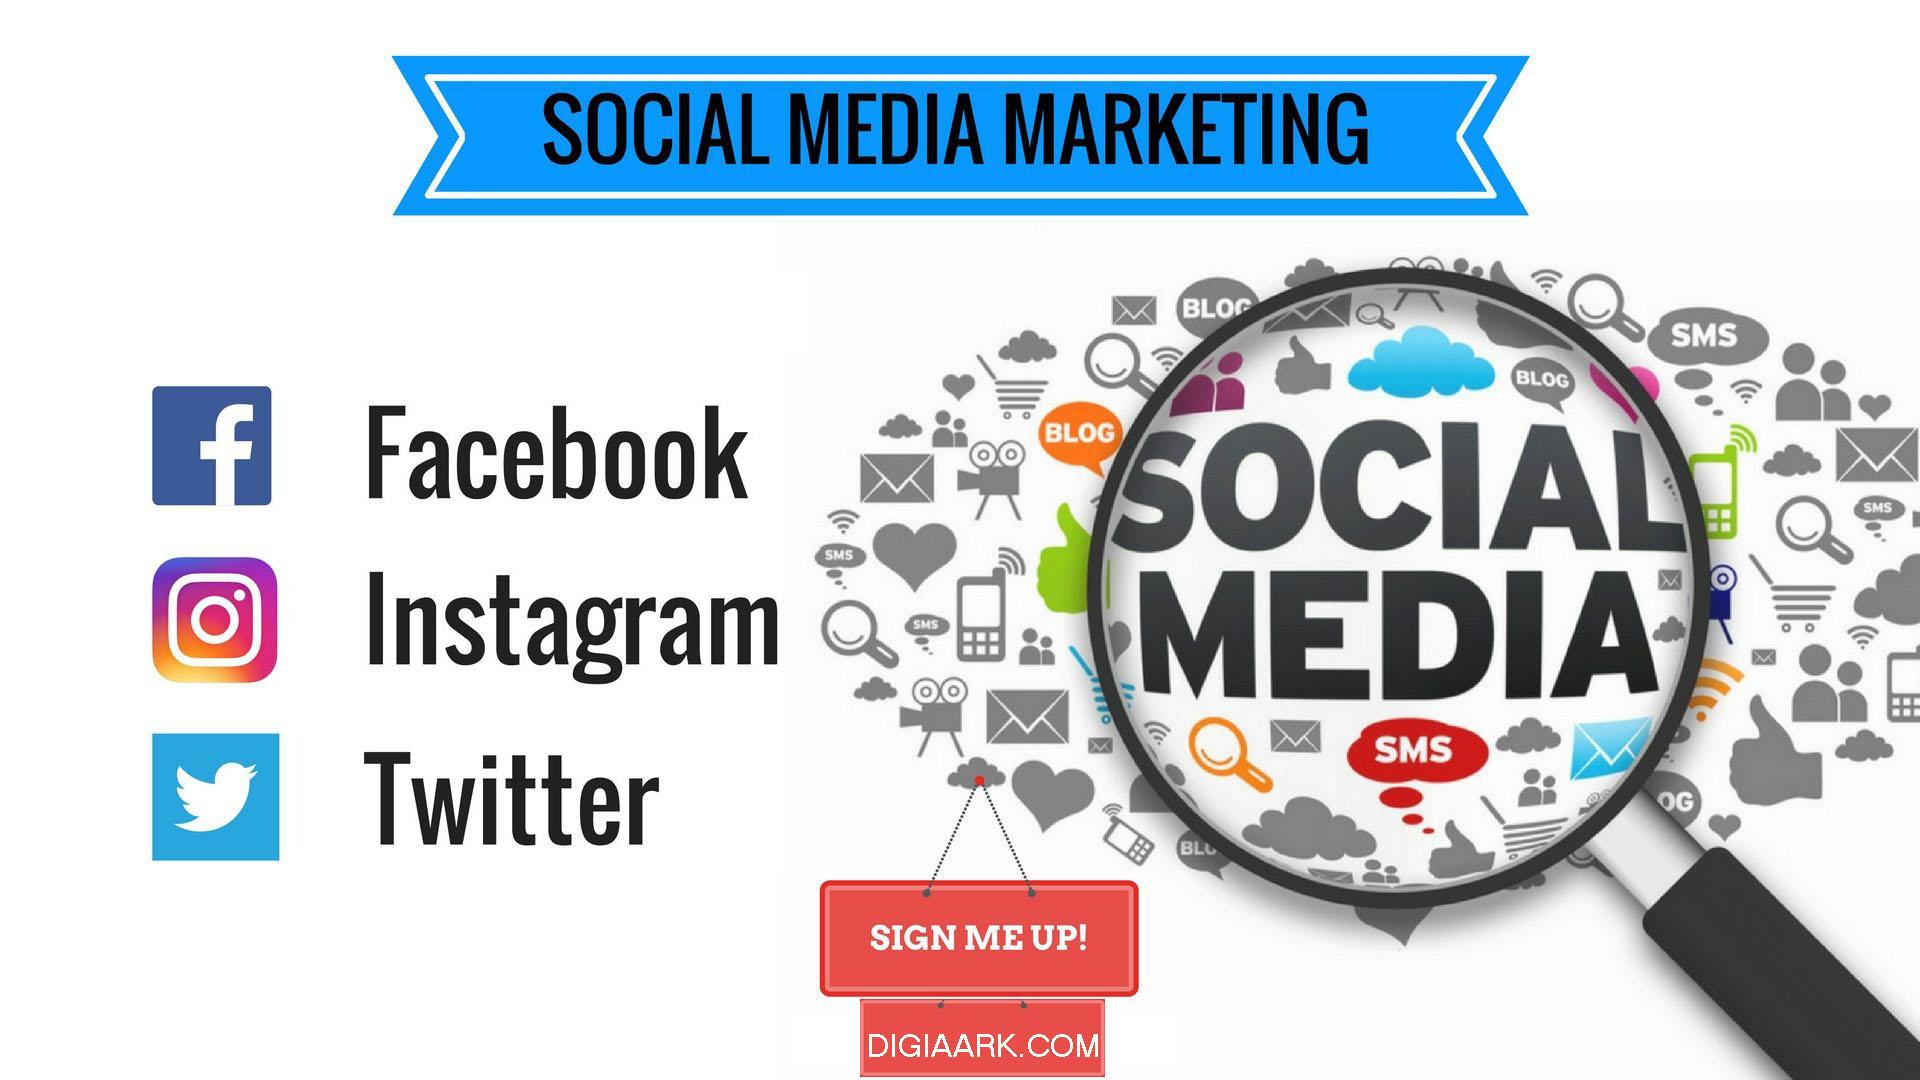 social media marketing, digiaark